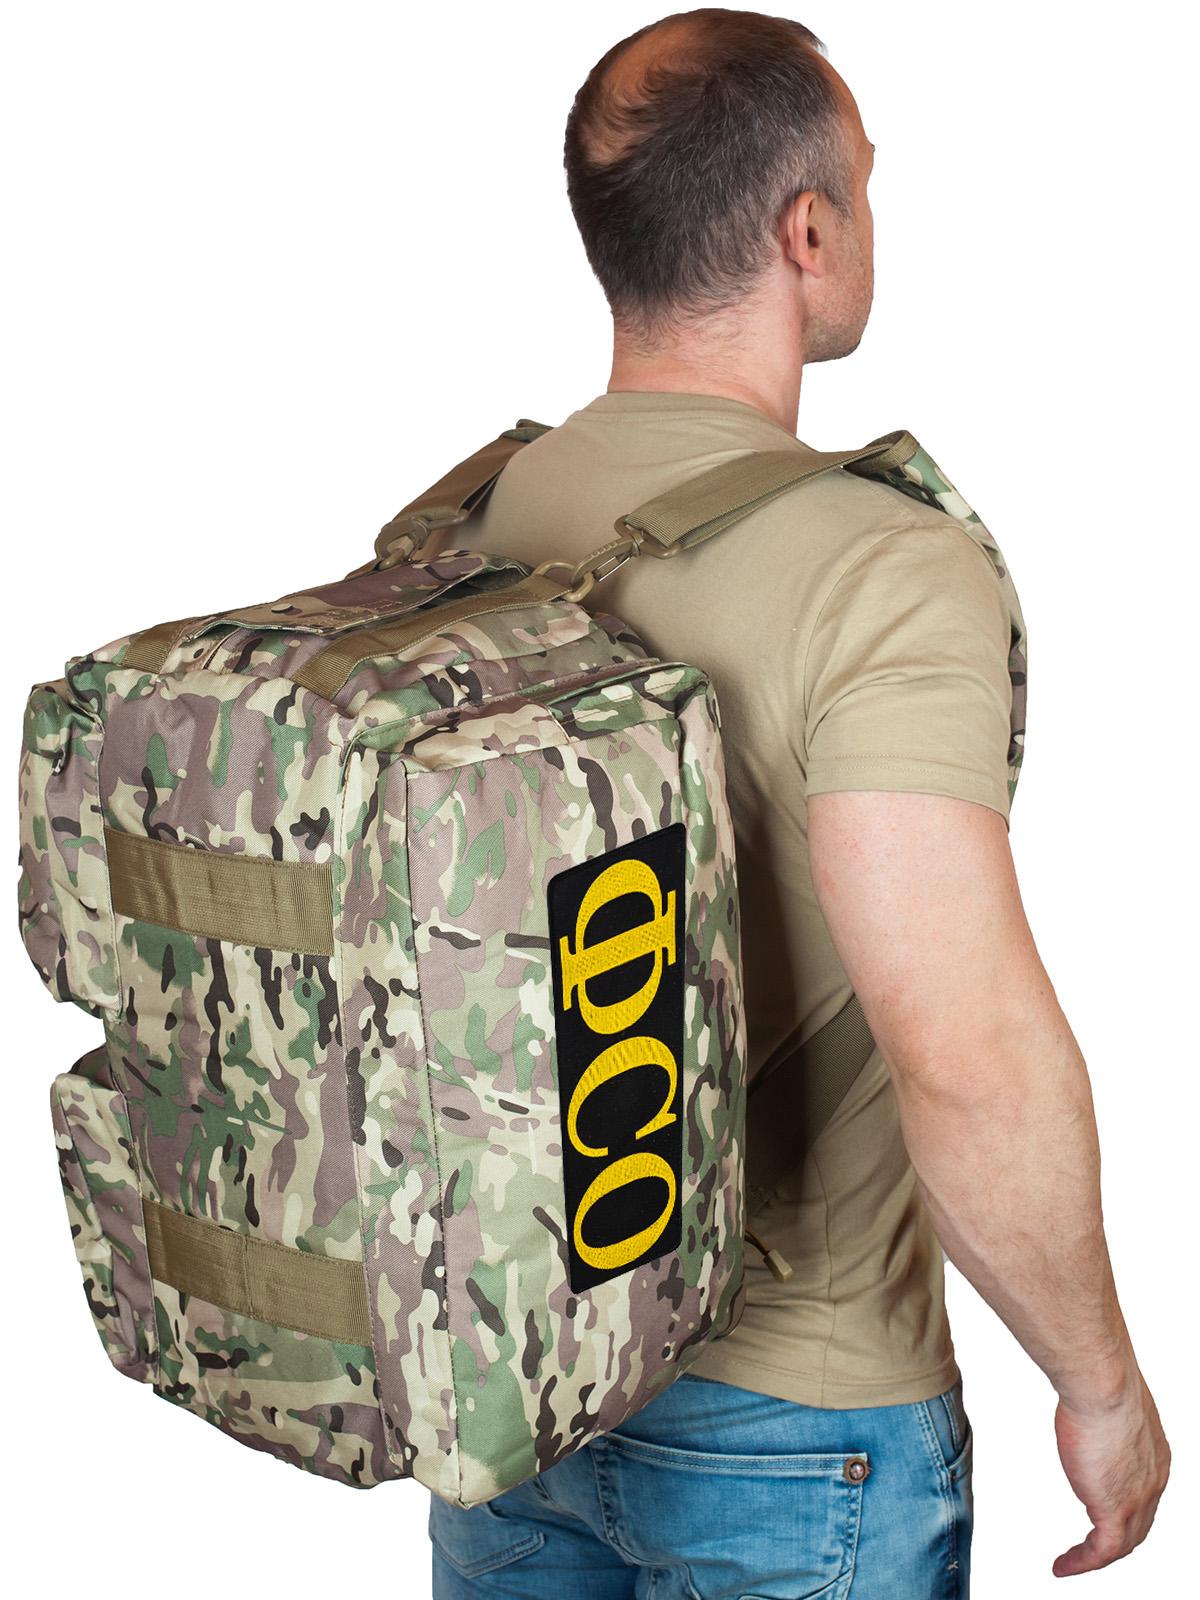 Купить армейскую камуфляжную сумку-рюкзак ФСО по специально цене